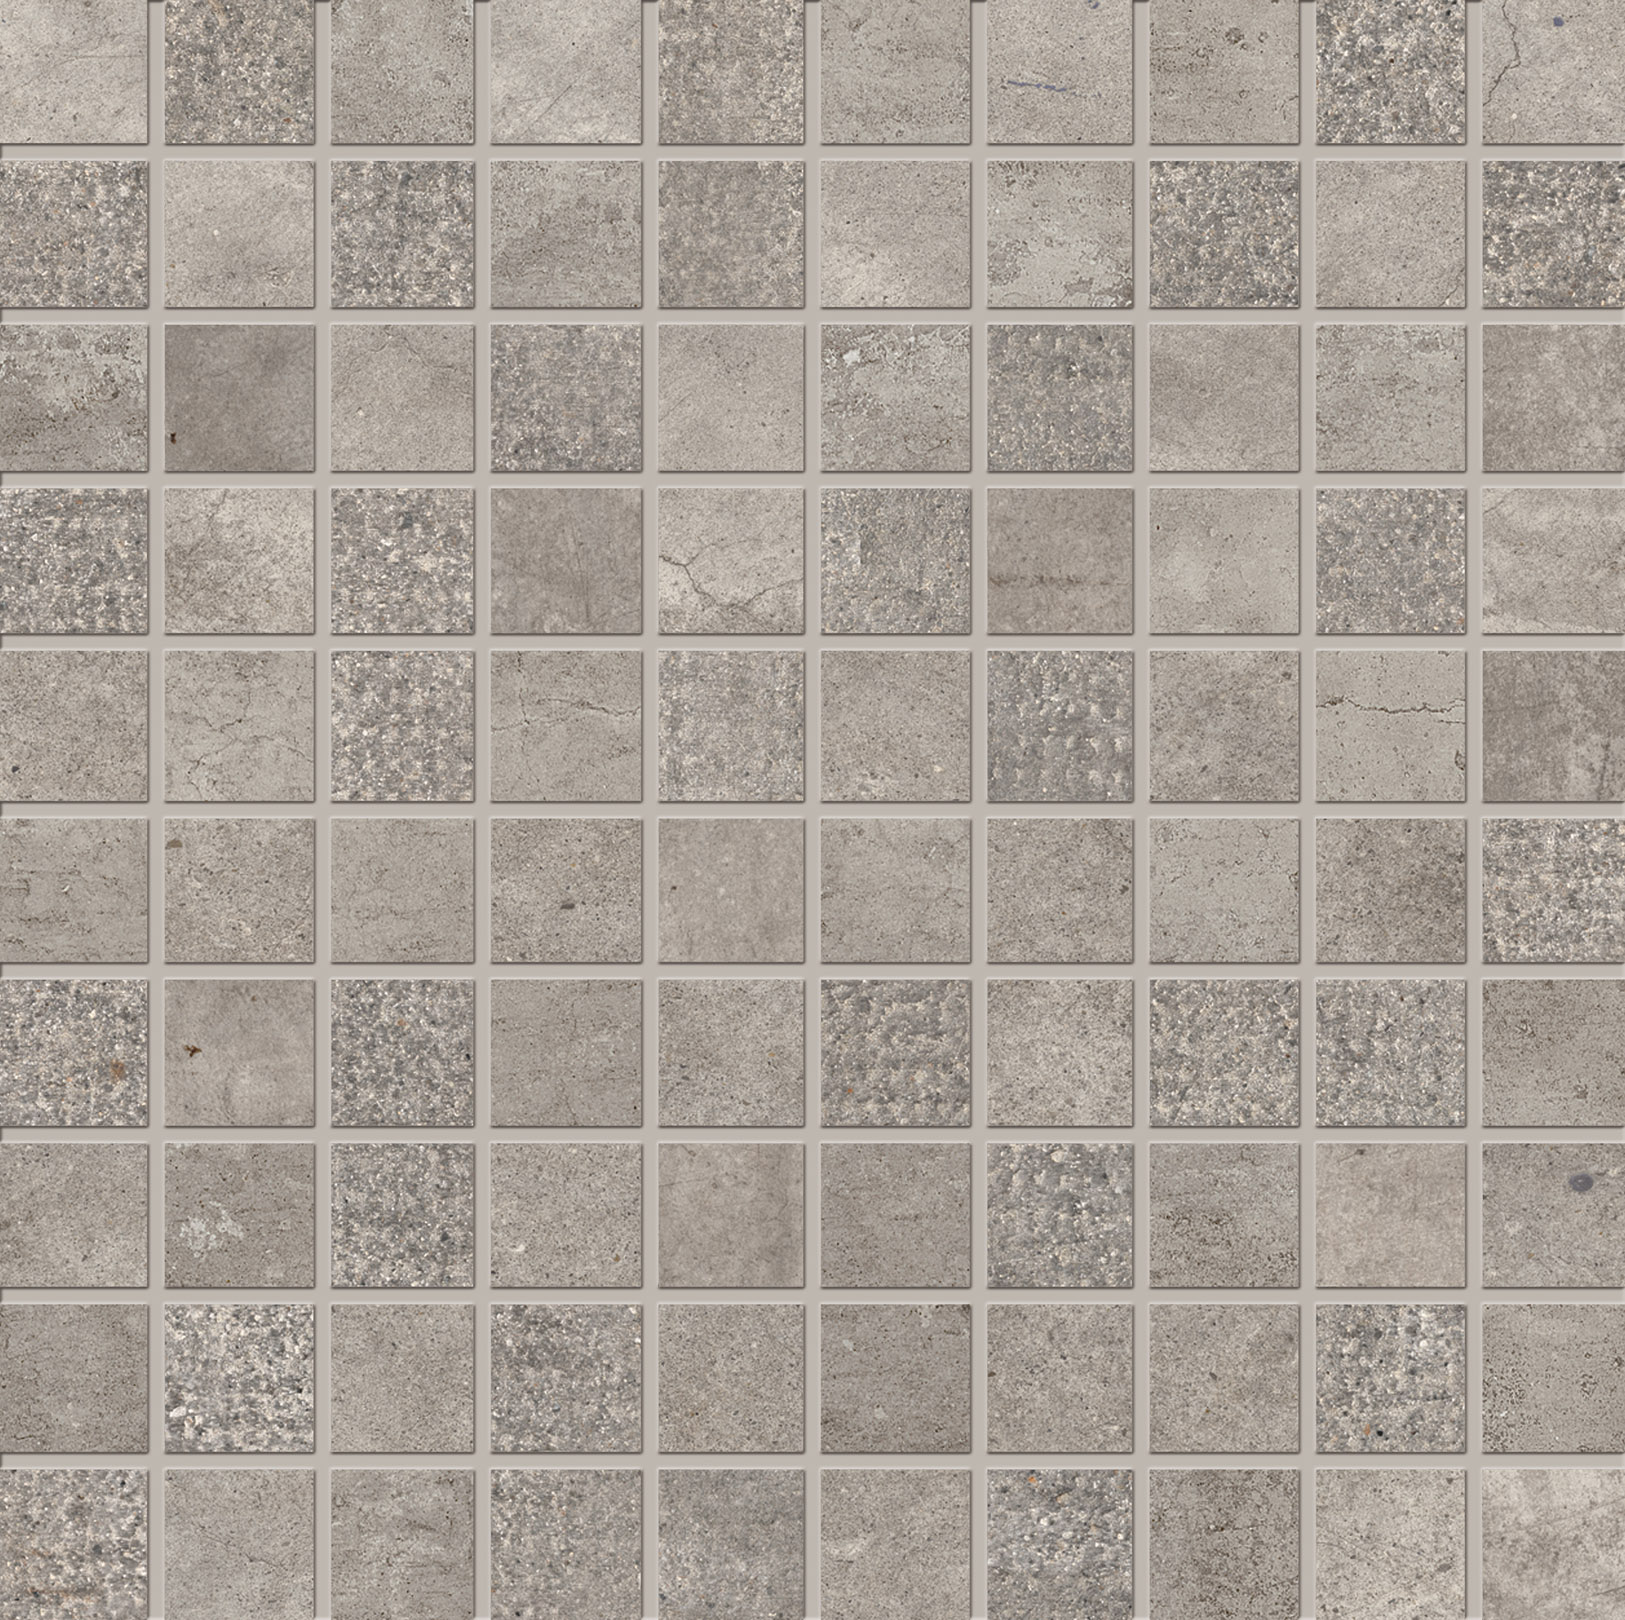 Graffiti wall tiles - Graffiti Graffiti Mosaic